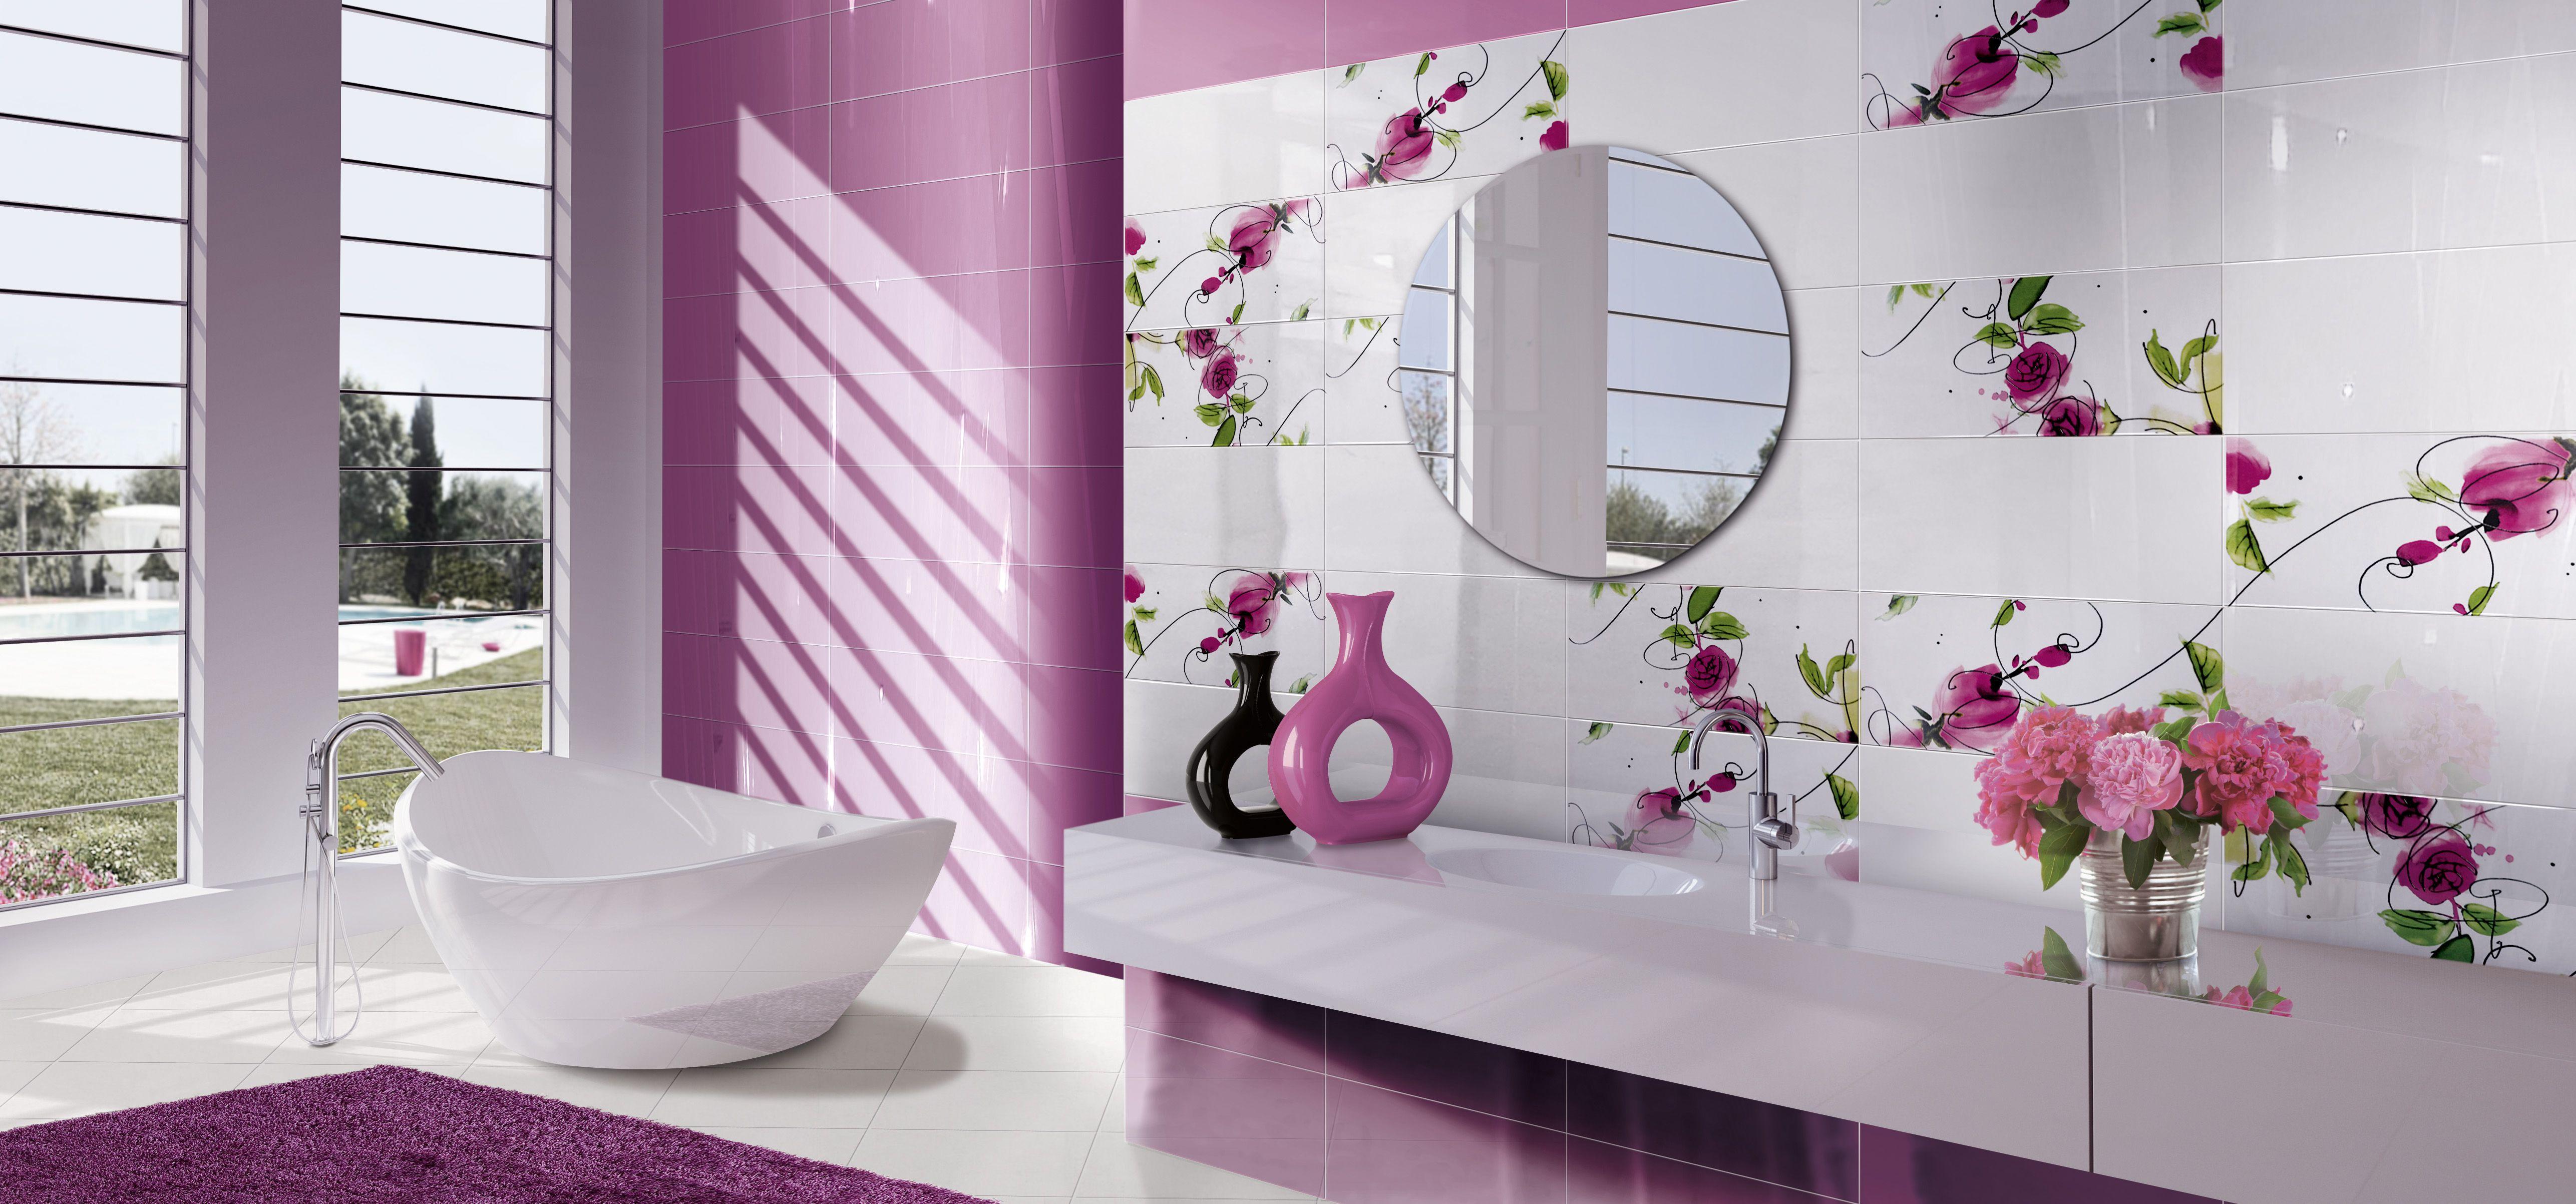 Presuntuosa Ceramiche Brennero Spa Pink Room Room Interior Decor